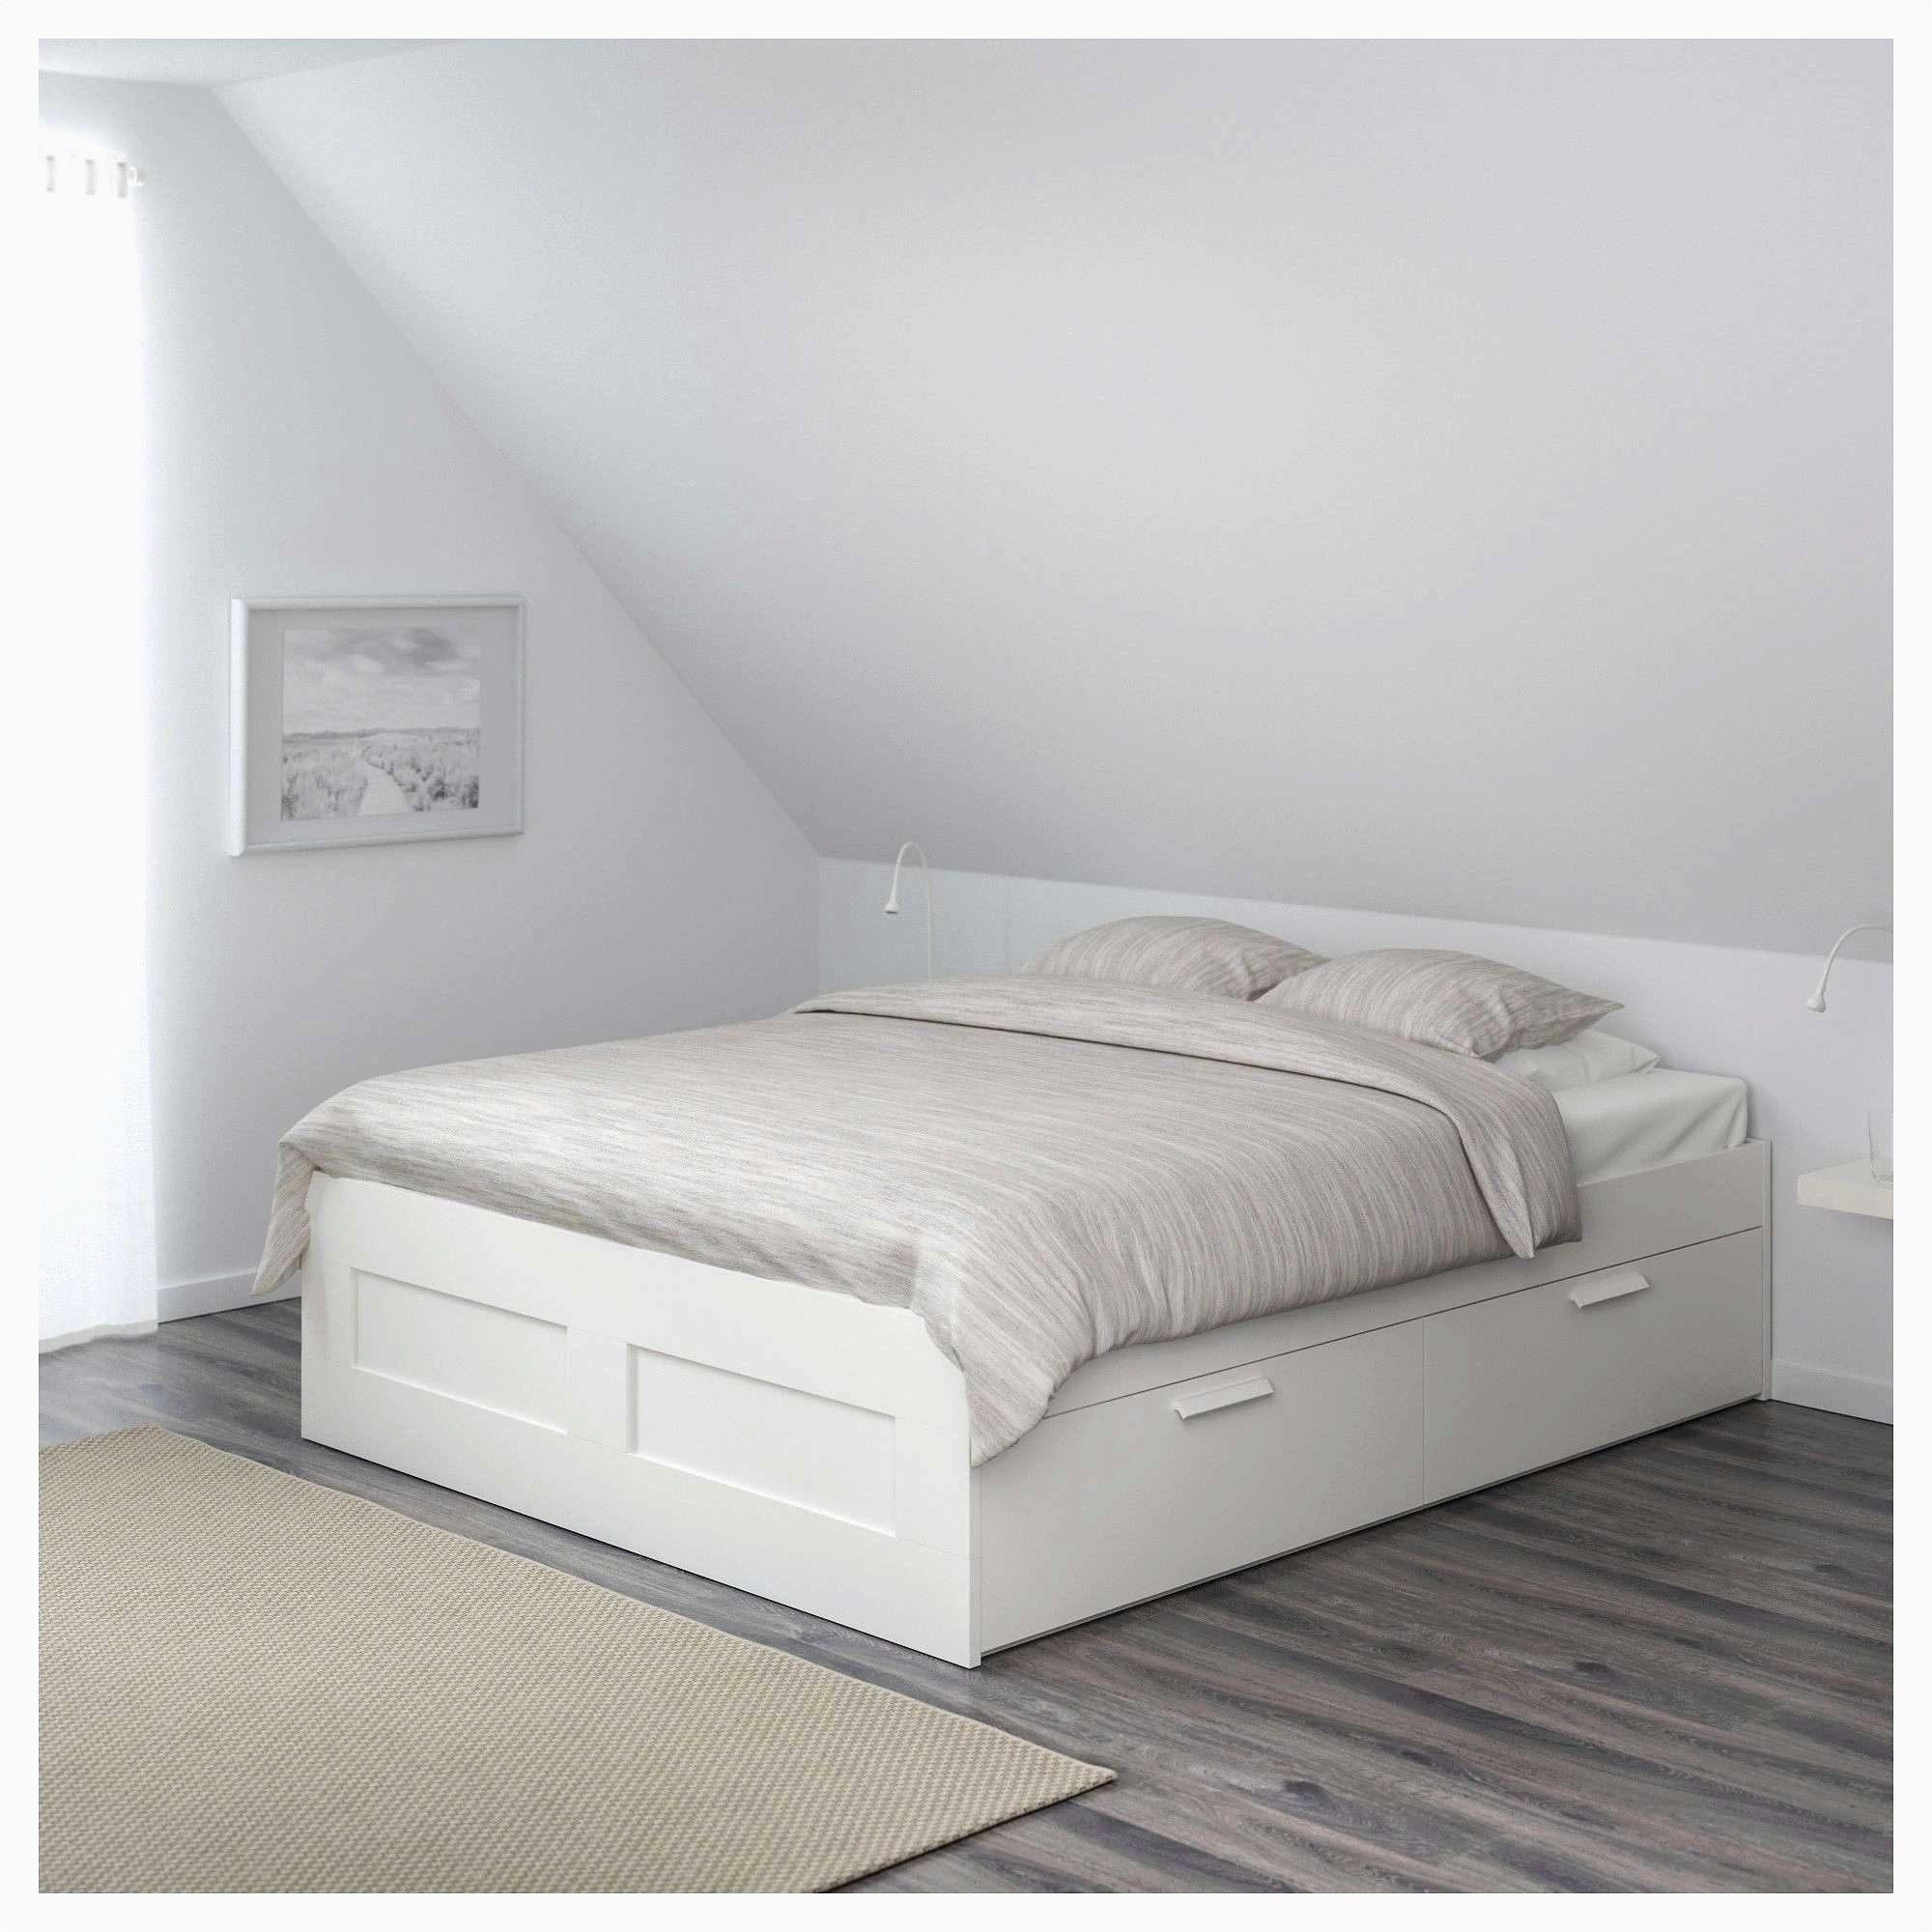 Ikea Malm Tete De Lit Belle Tete De Lit 90 Cm Tete De Lit 180 Cm Ikea Rare Armoire Malm Ikea